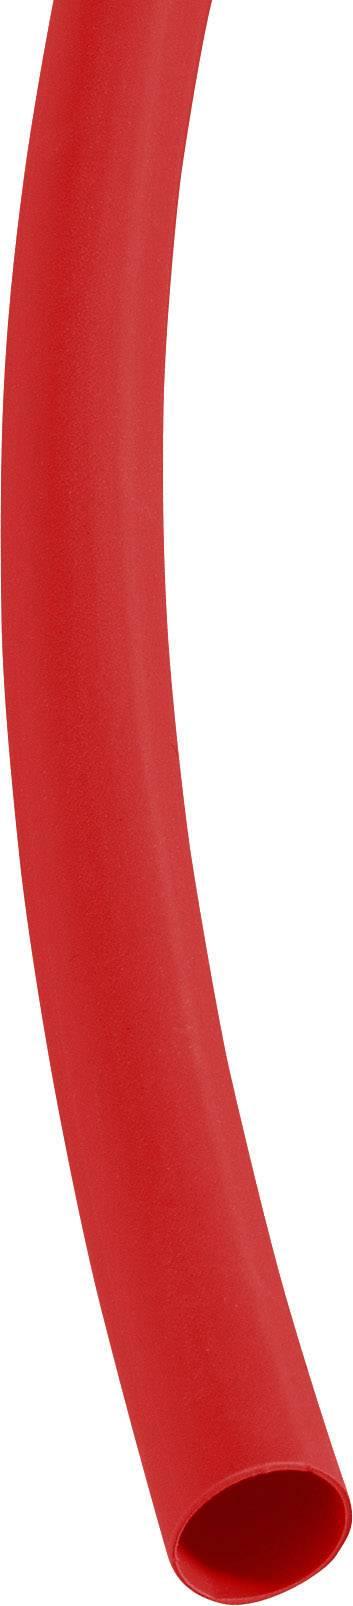 Zmršťovacia bužírka 9/3 mm, červená